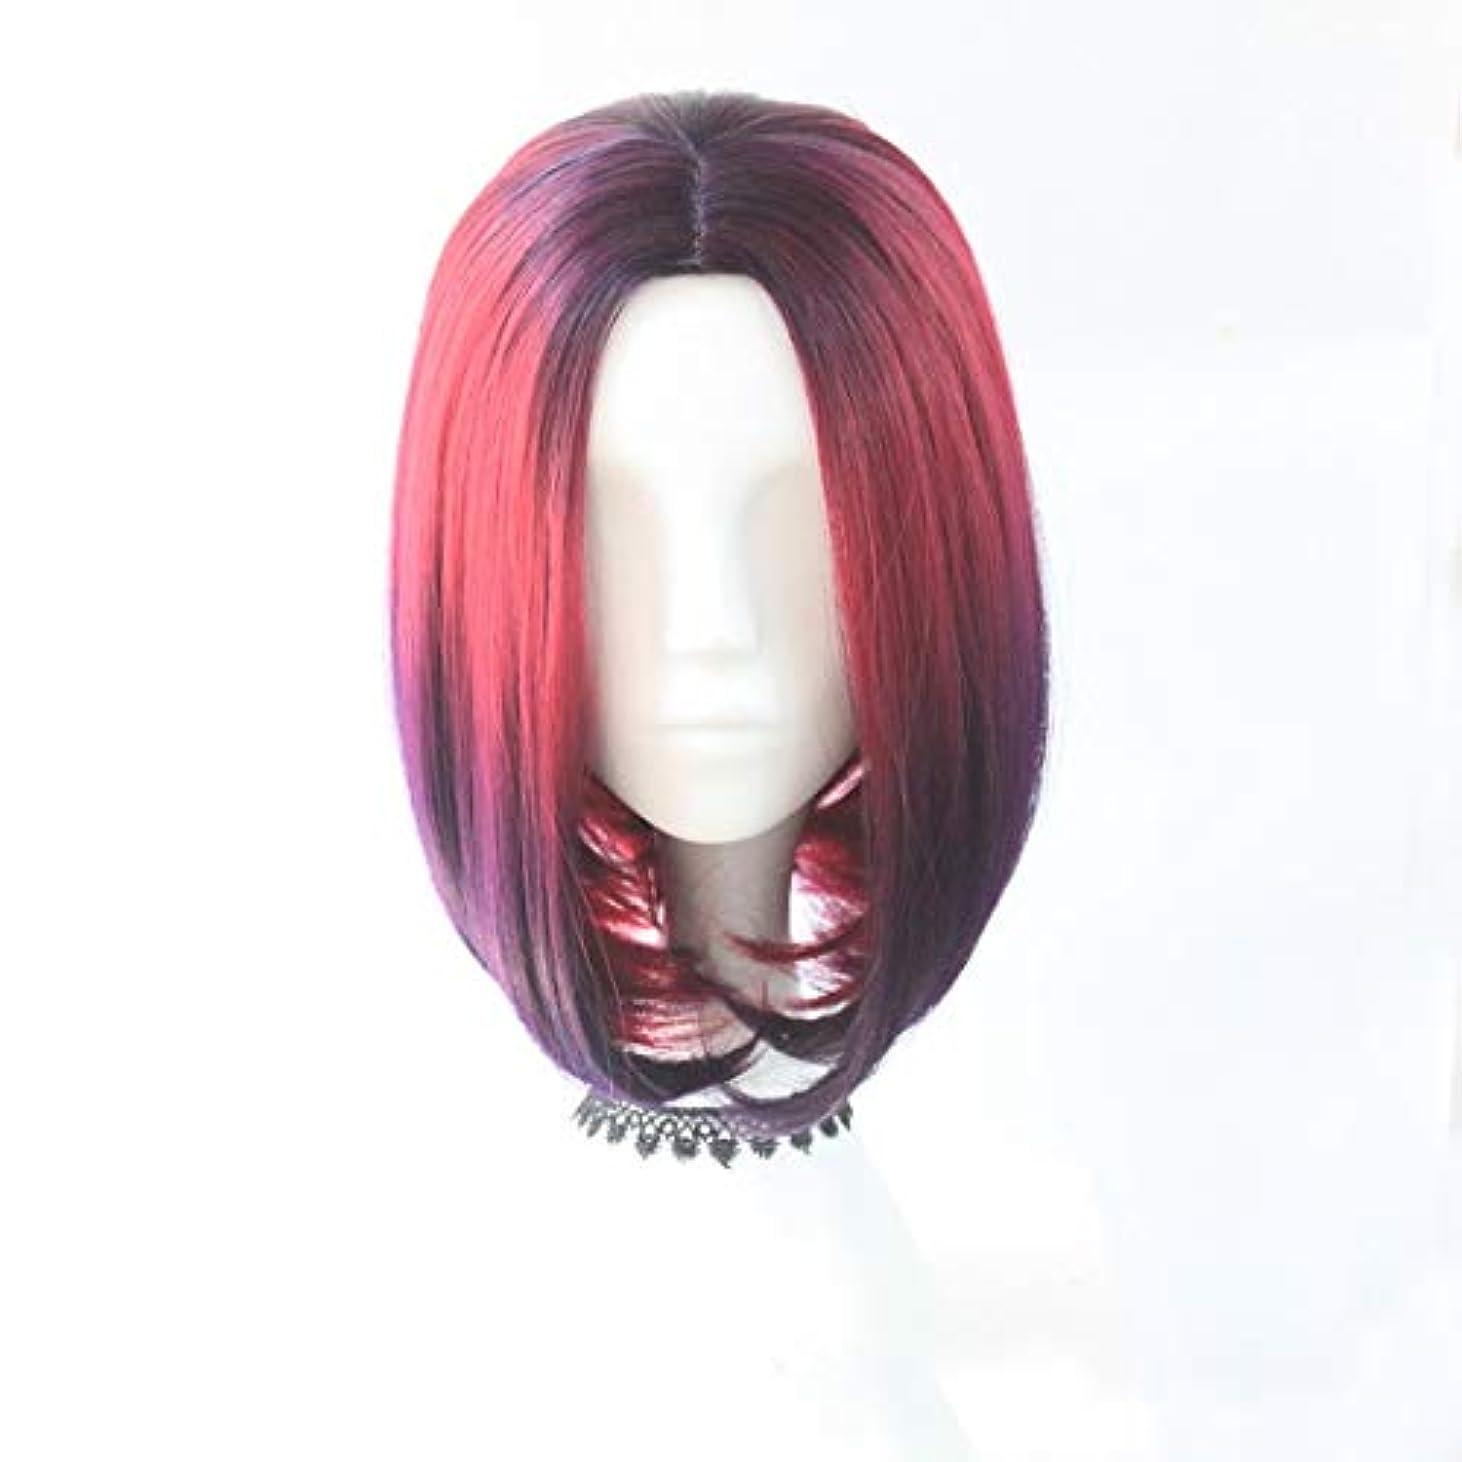 優遇ピアミントYOUQIU 女性の自然なウィッグショートストレートBOB髪のグラデーションの色ウィッグCOSウィッグウィッグ (色 : レッド)